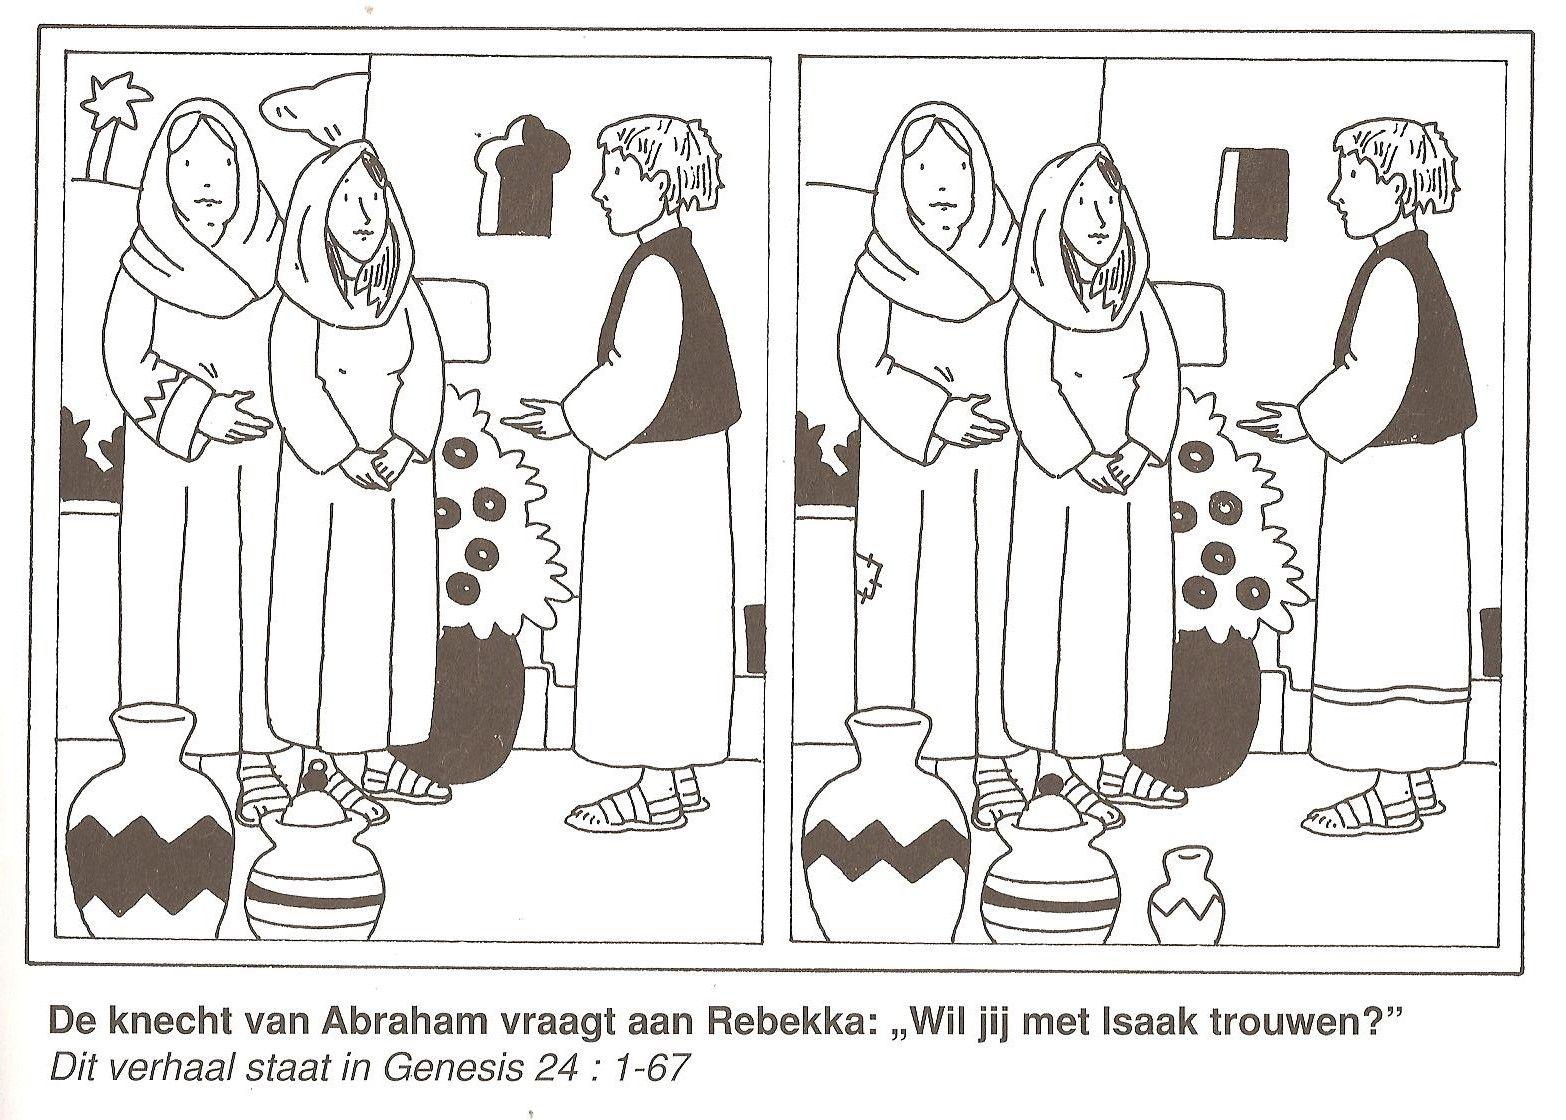 De Knecht Van Abraham Vraagt Aan Rebekka Wil Jij Met Isaak Trouwen Zoek De 10 Verschillen Christelijke Knutsels Bijbel Kleurplaten Bijbel Knutselen